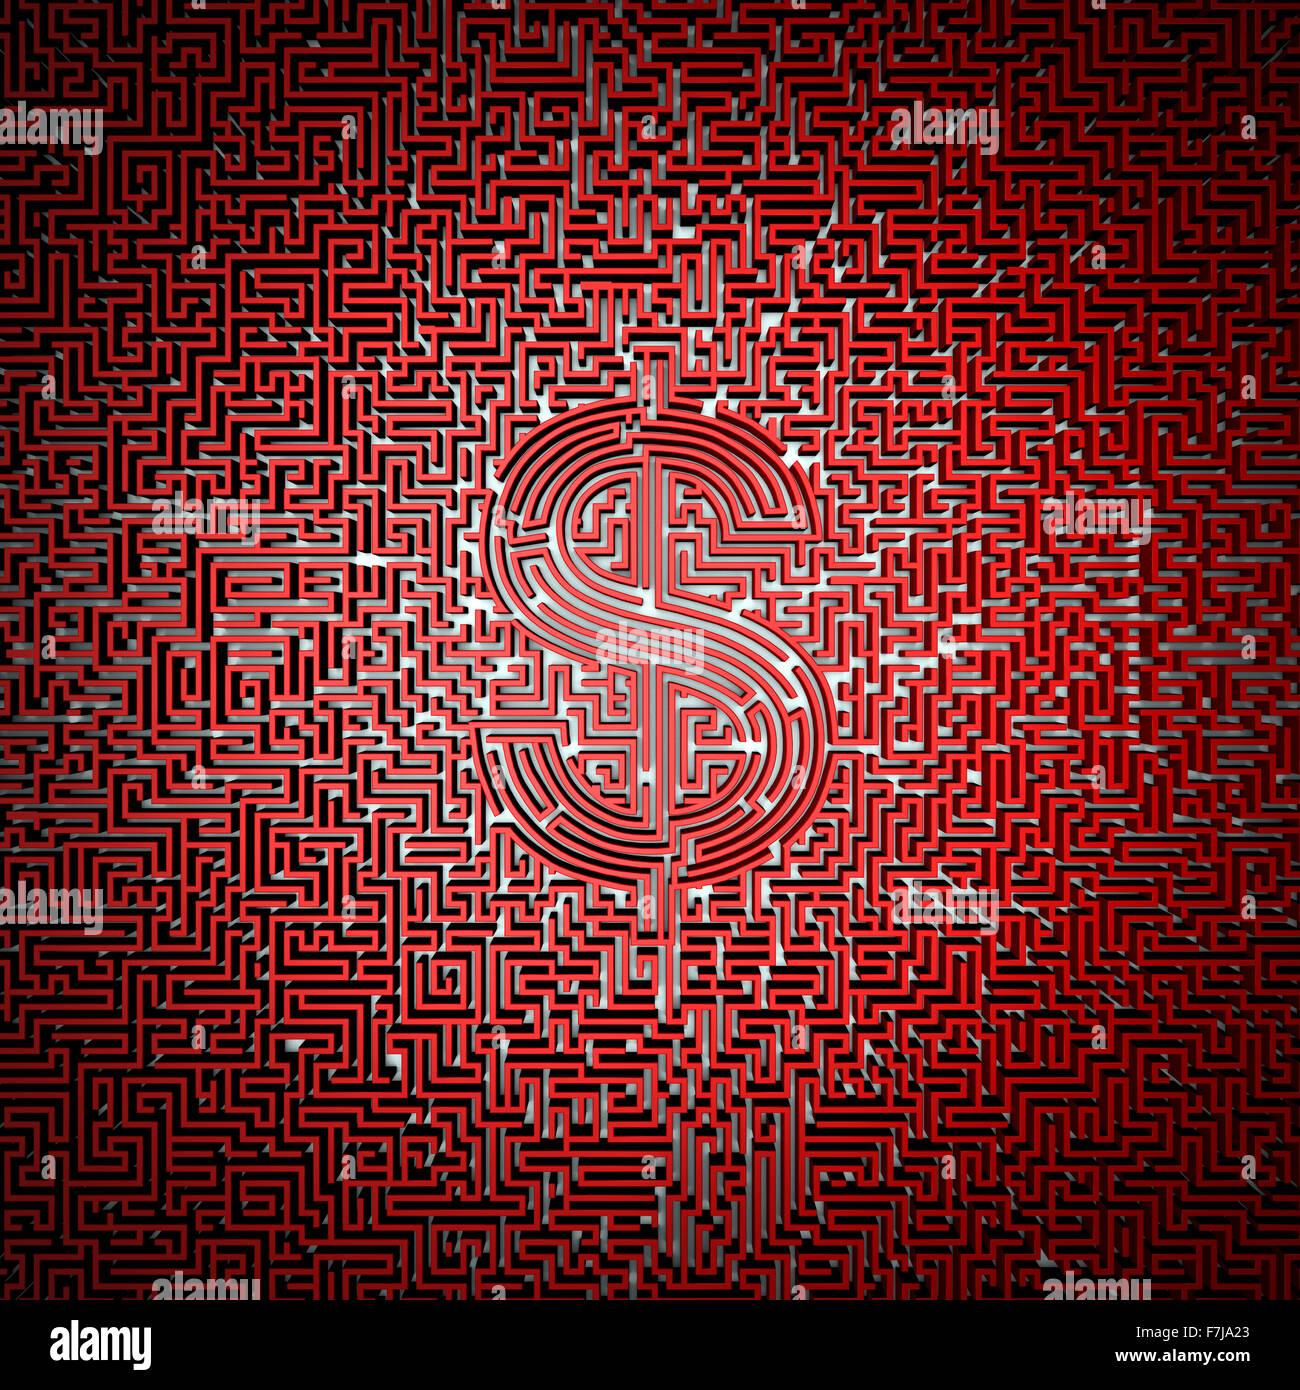 Ultimative Dollar Labyrinth / 3D-Render des Riesen-Labyrinth mit Dollar-Symbol im Zentrum leicht zu kolorieren Stockbild